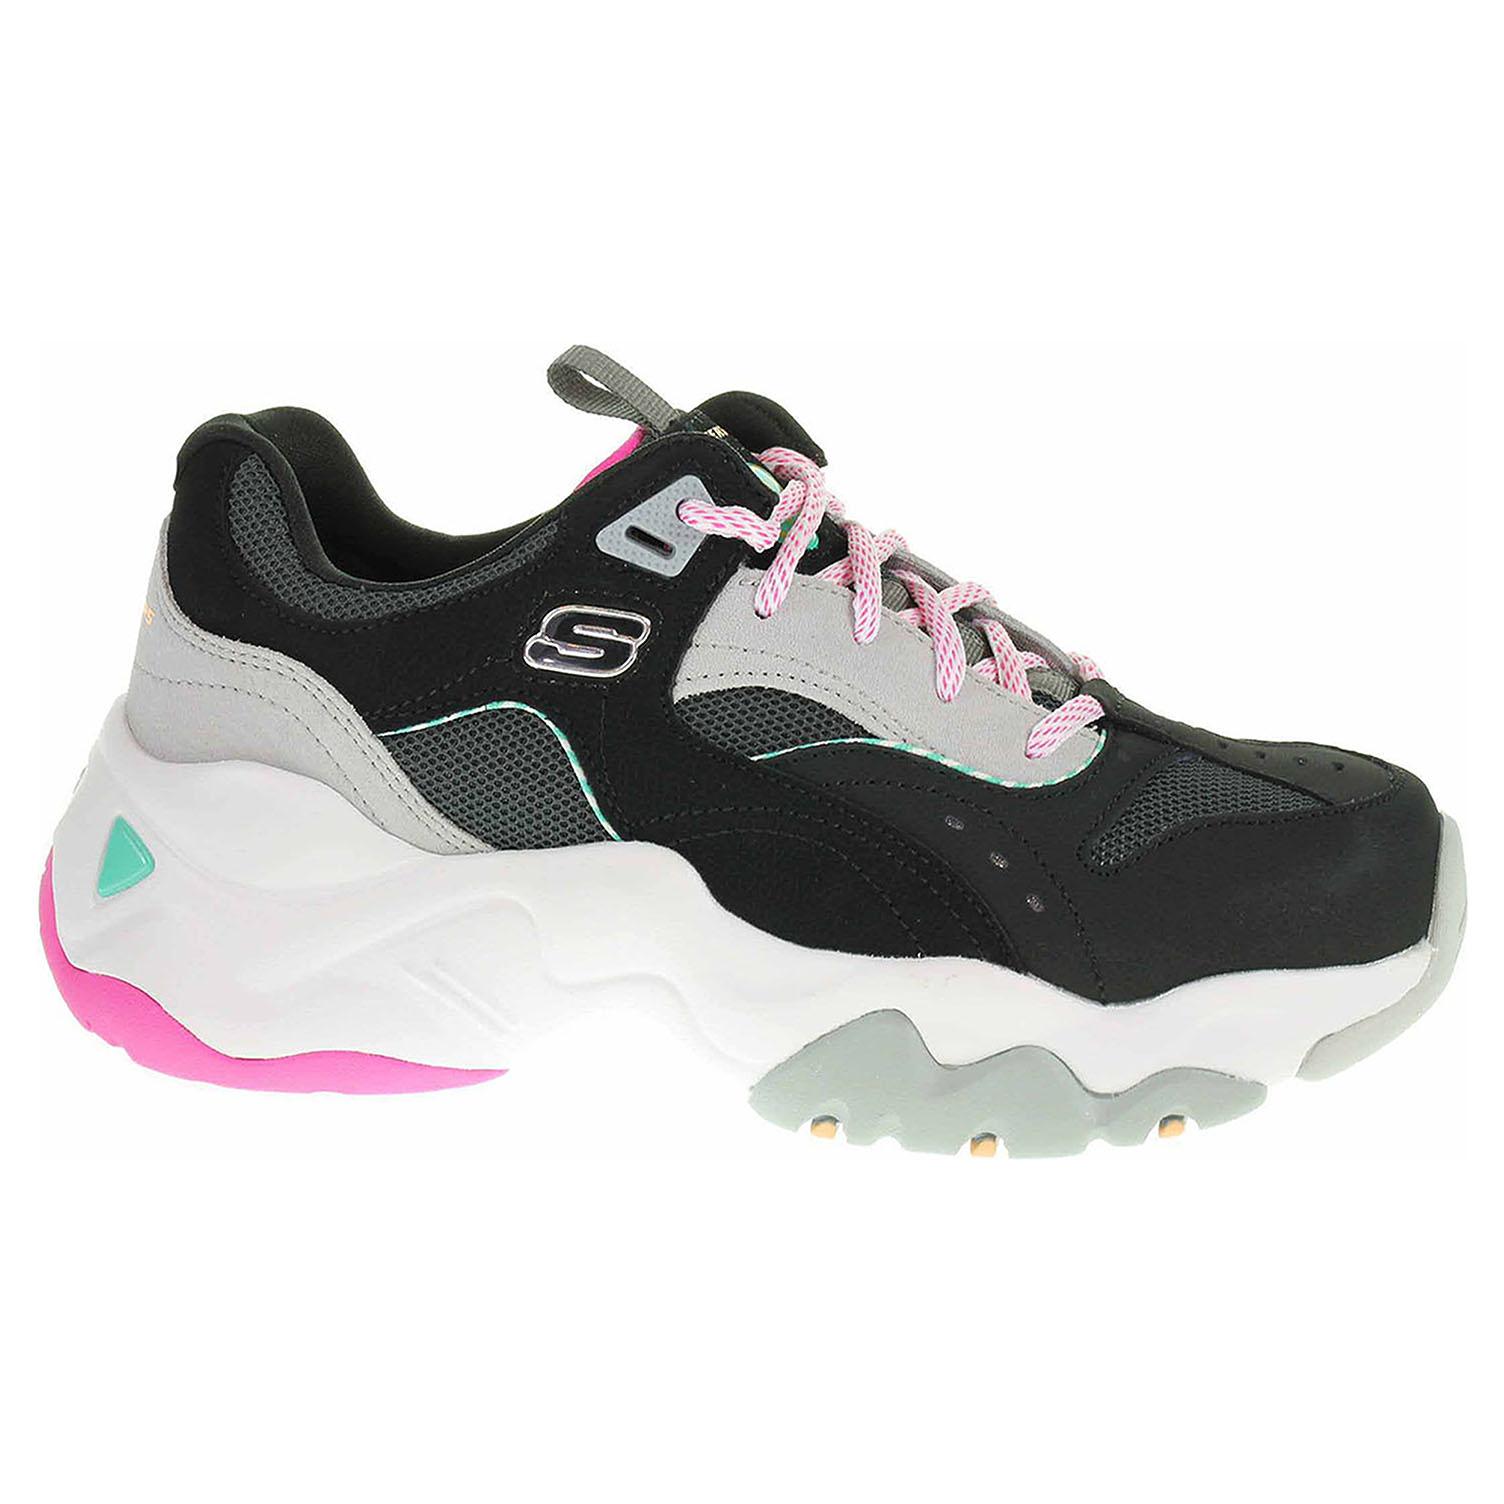 Skechers D´Lites 3.0 - Ocean Cloud black-hot pink 13377 BKHP 38,5